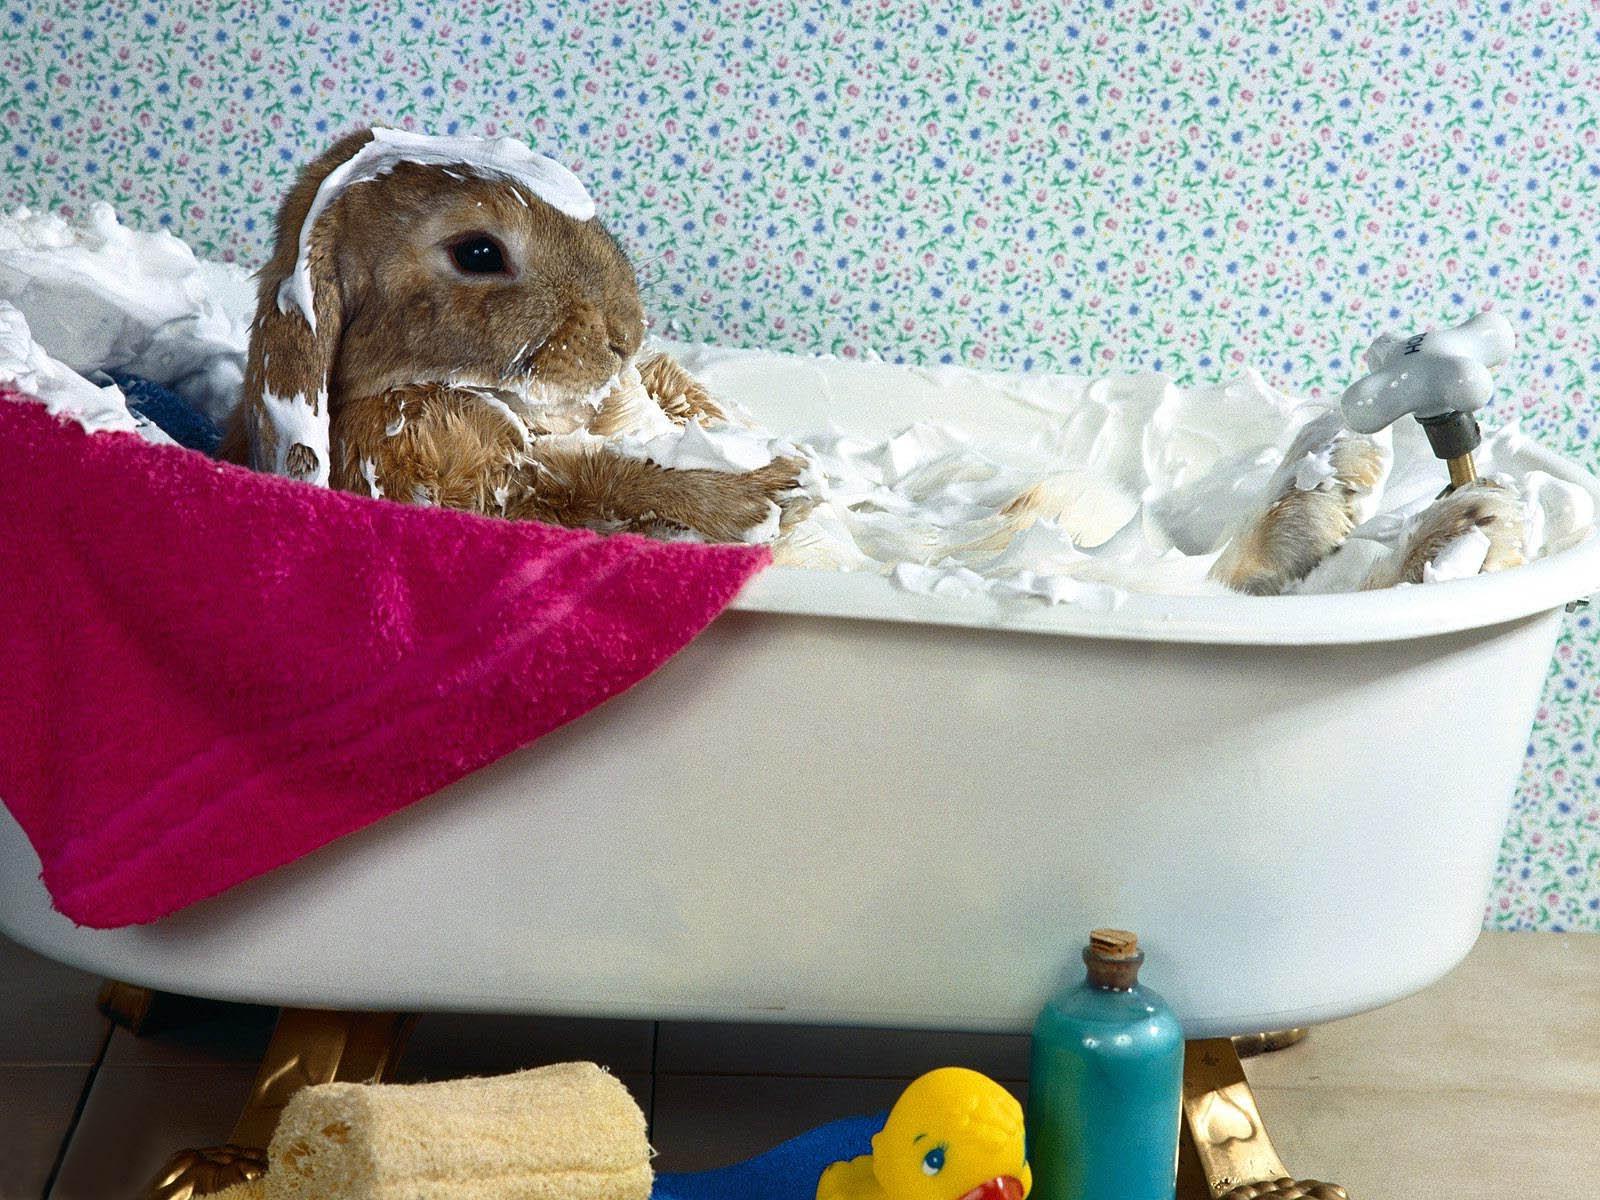 bureaublad achtergrond met wit konijn met hangoren